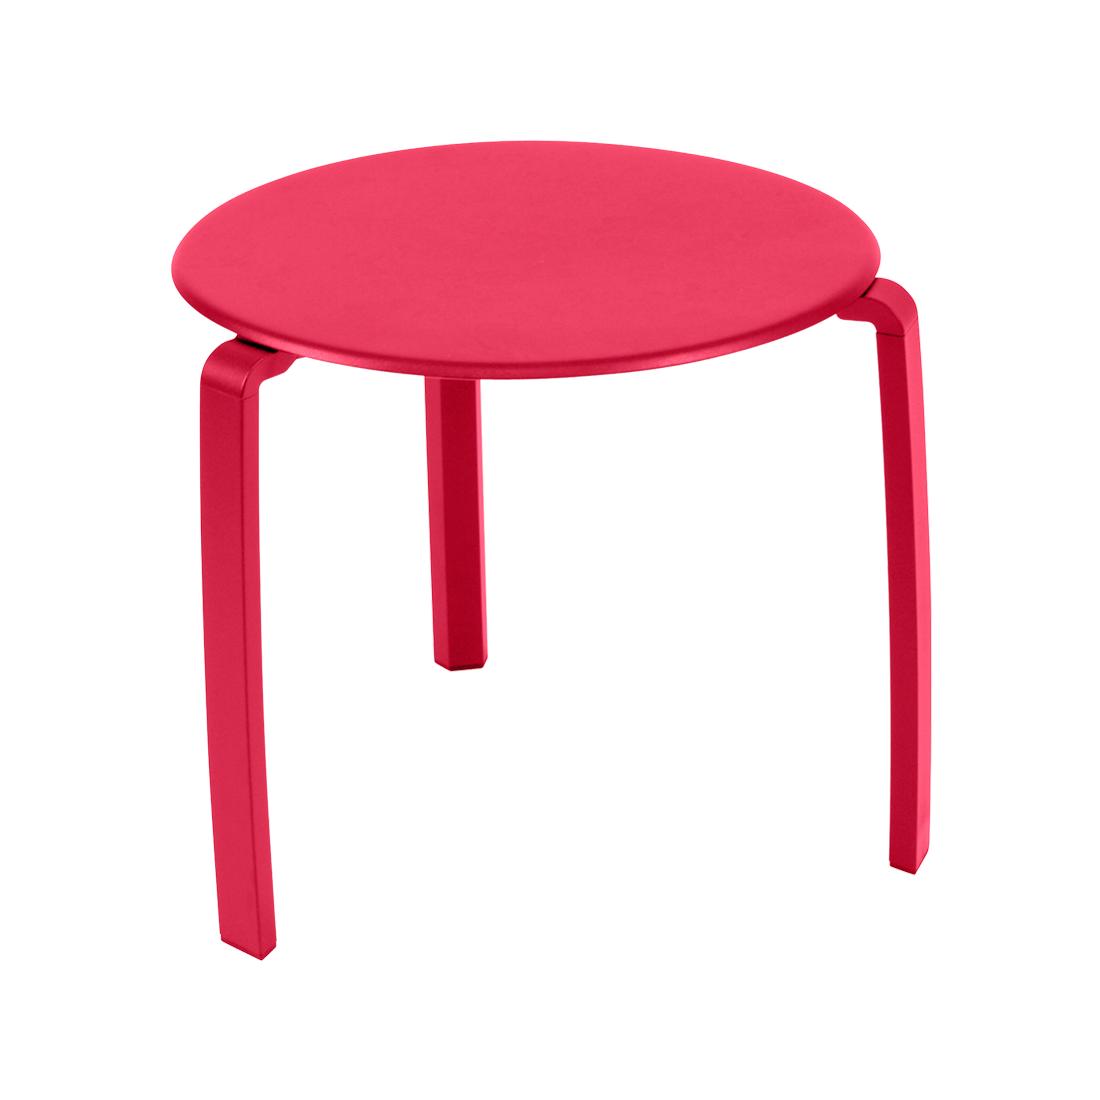 tavolo-fermob-basso-impilabile-alize-diam-48-cm-pink-praline-149286.png